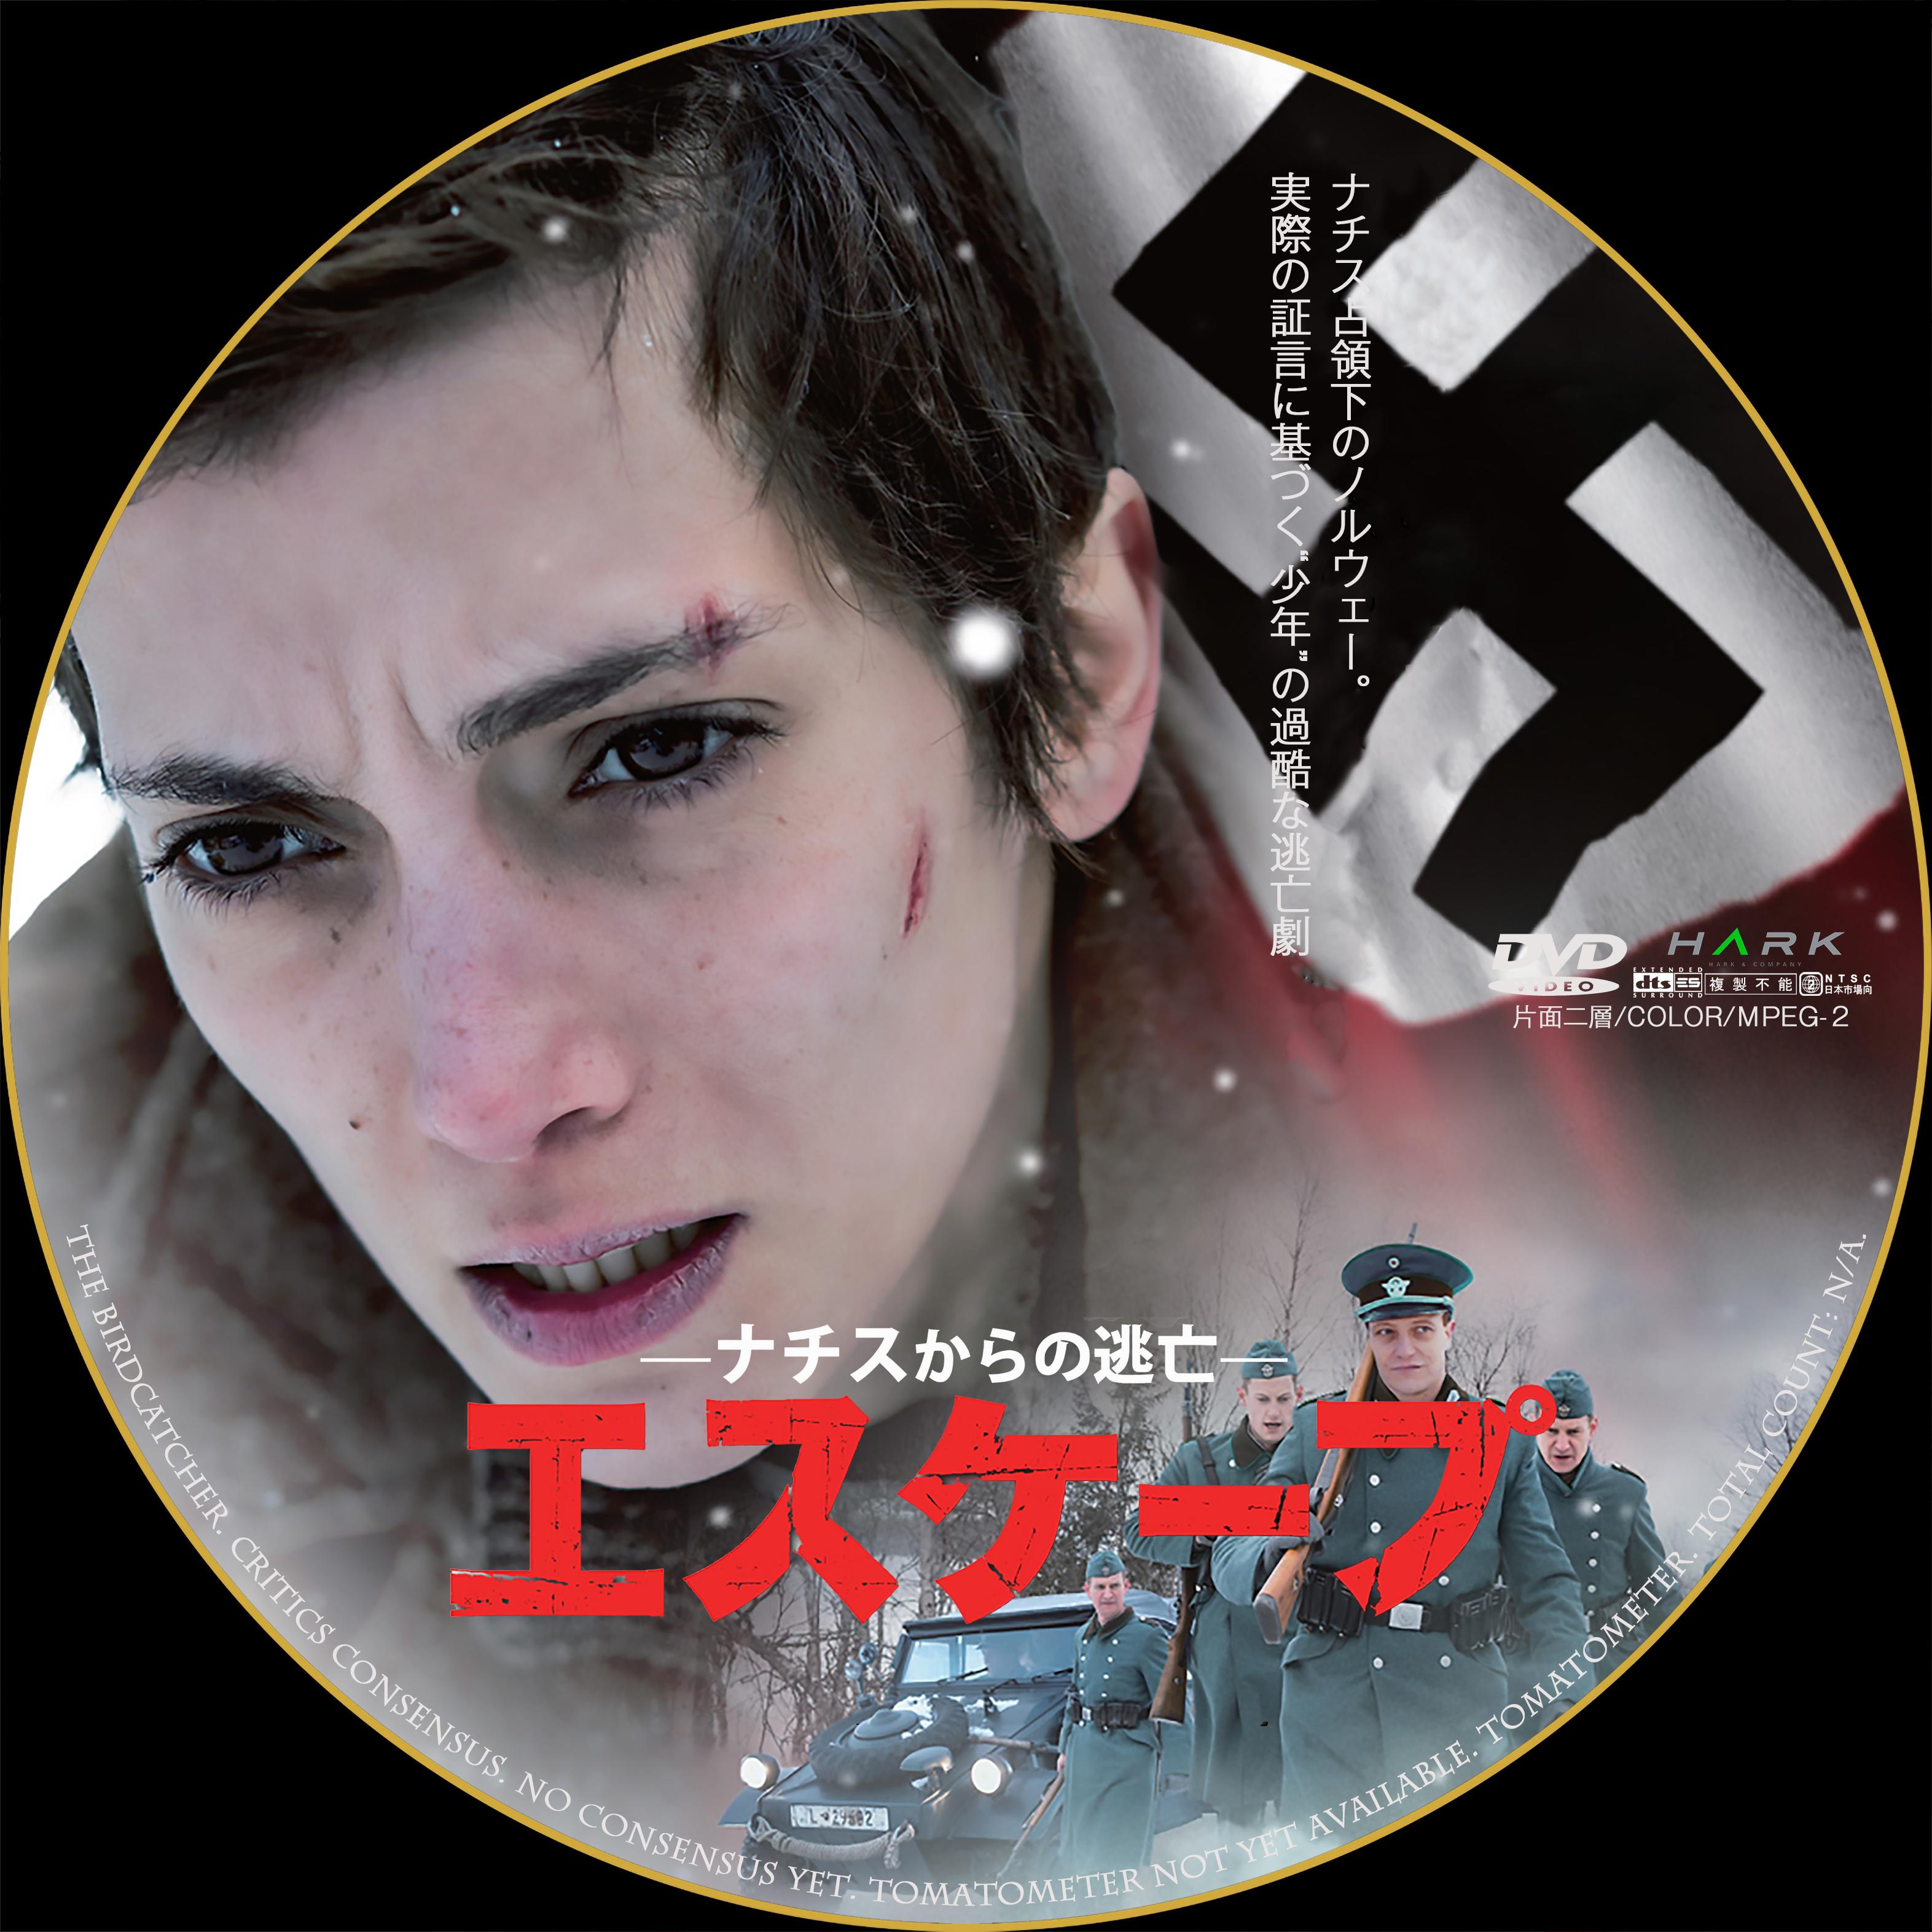 エスケープ ナチス から の 逃亡